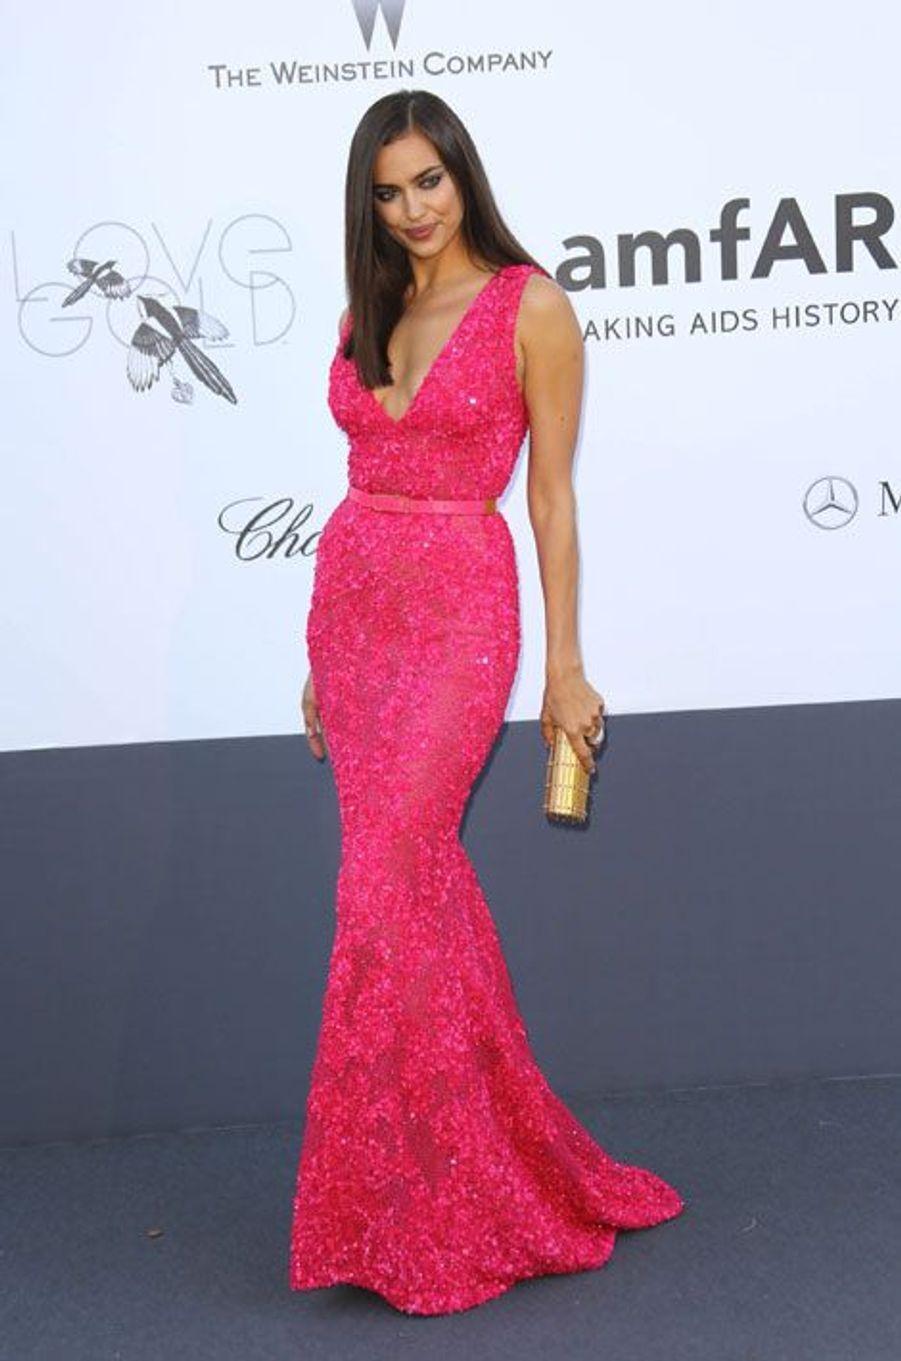 En Elie Saab pour le gala de l'AmfAR à Cannes, le 23 mai 2013